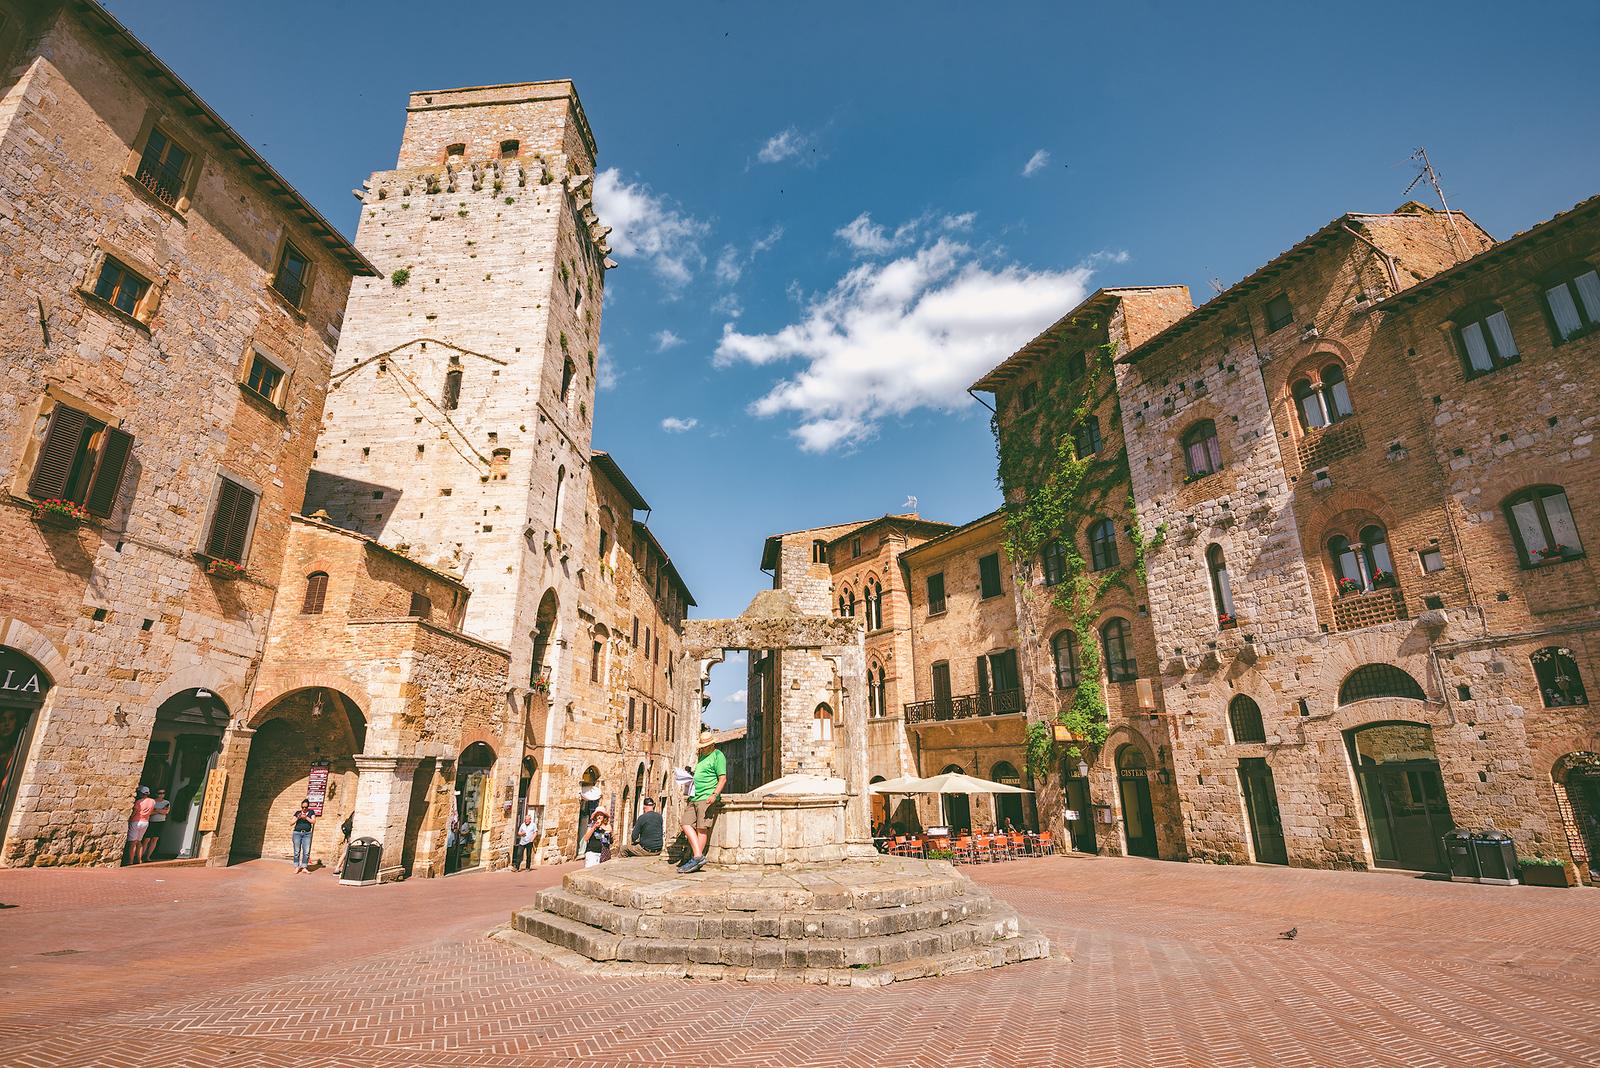 中世紀曼哈頓 塔房之城聖吉米納諾San Gimignano by 旅行攝影師張威廉 Wilhelm Chang